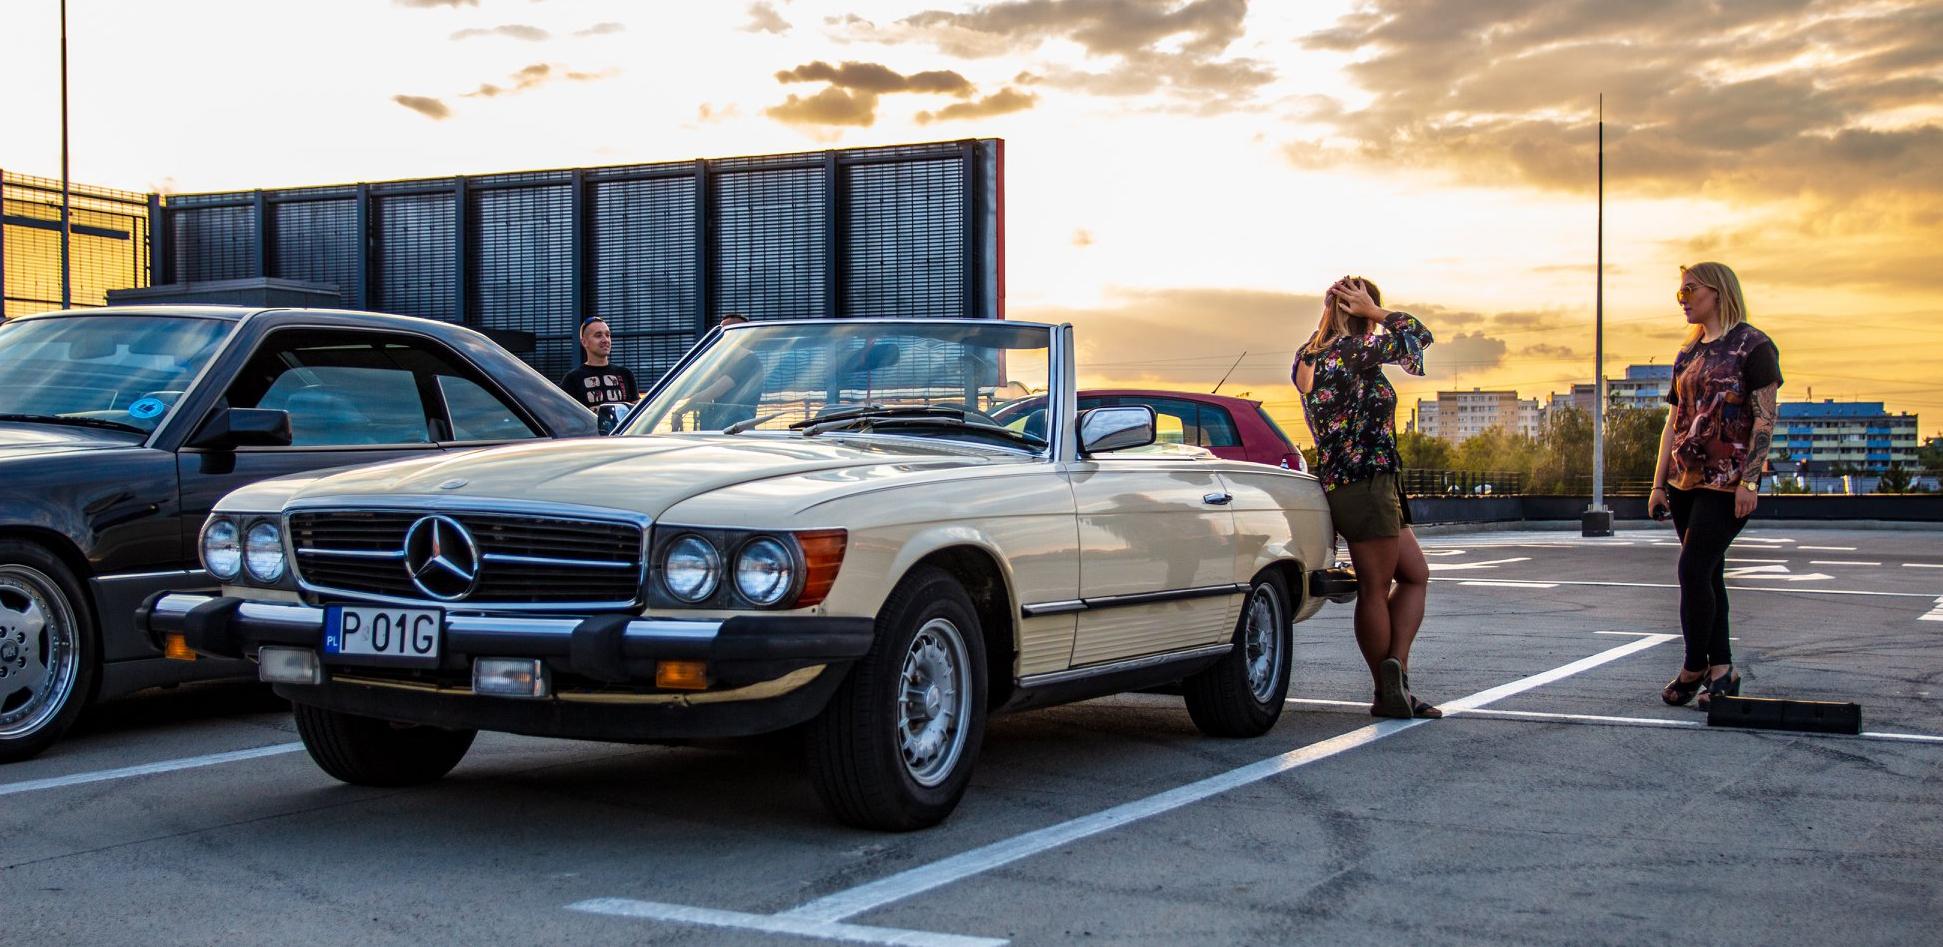 """Mercedes R107 – pasja Justyny towarzyszyła jej od dziecka. Zaczęło się od """"ciężkiego sprzętu""""…"""